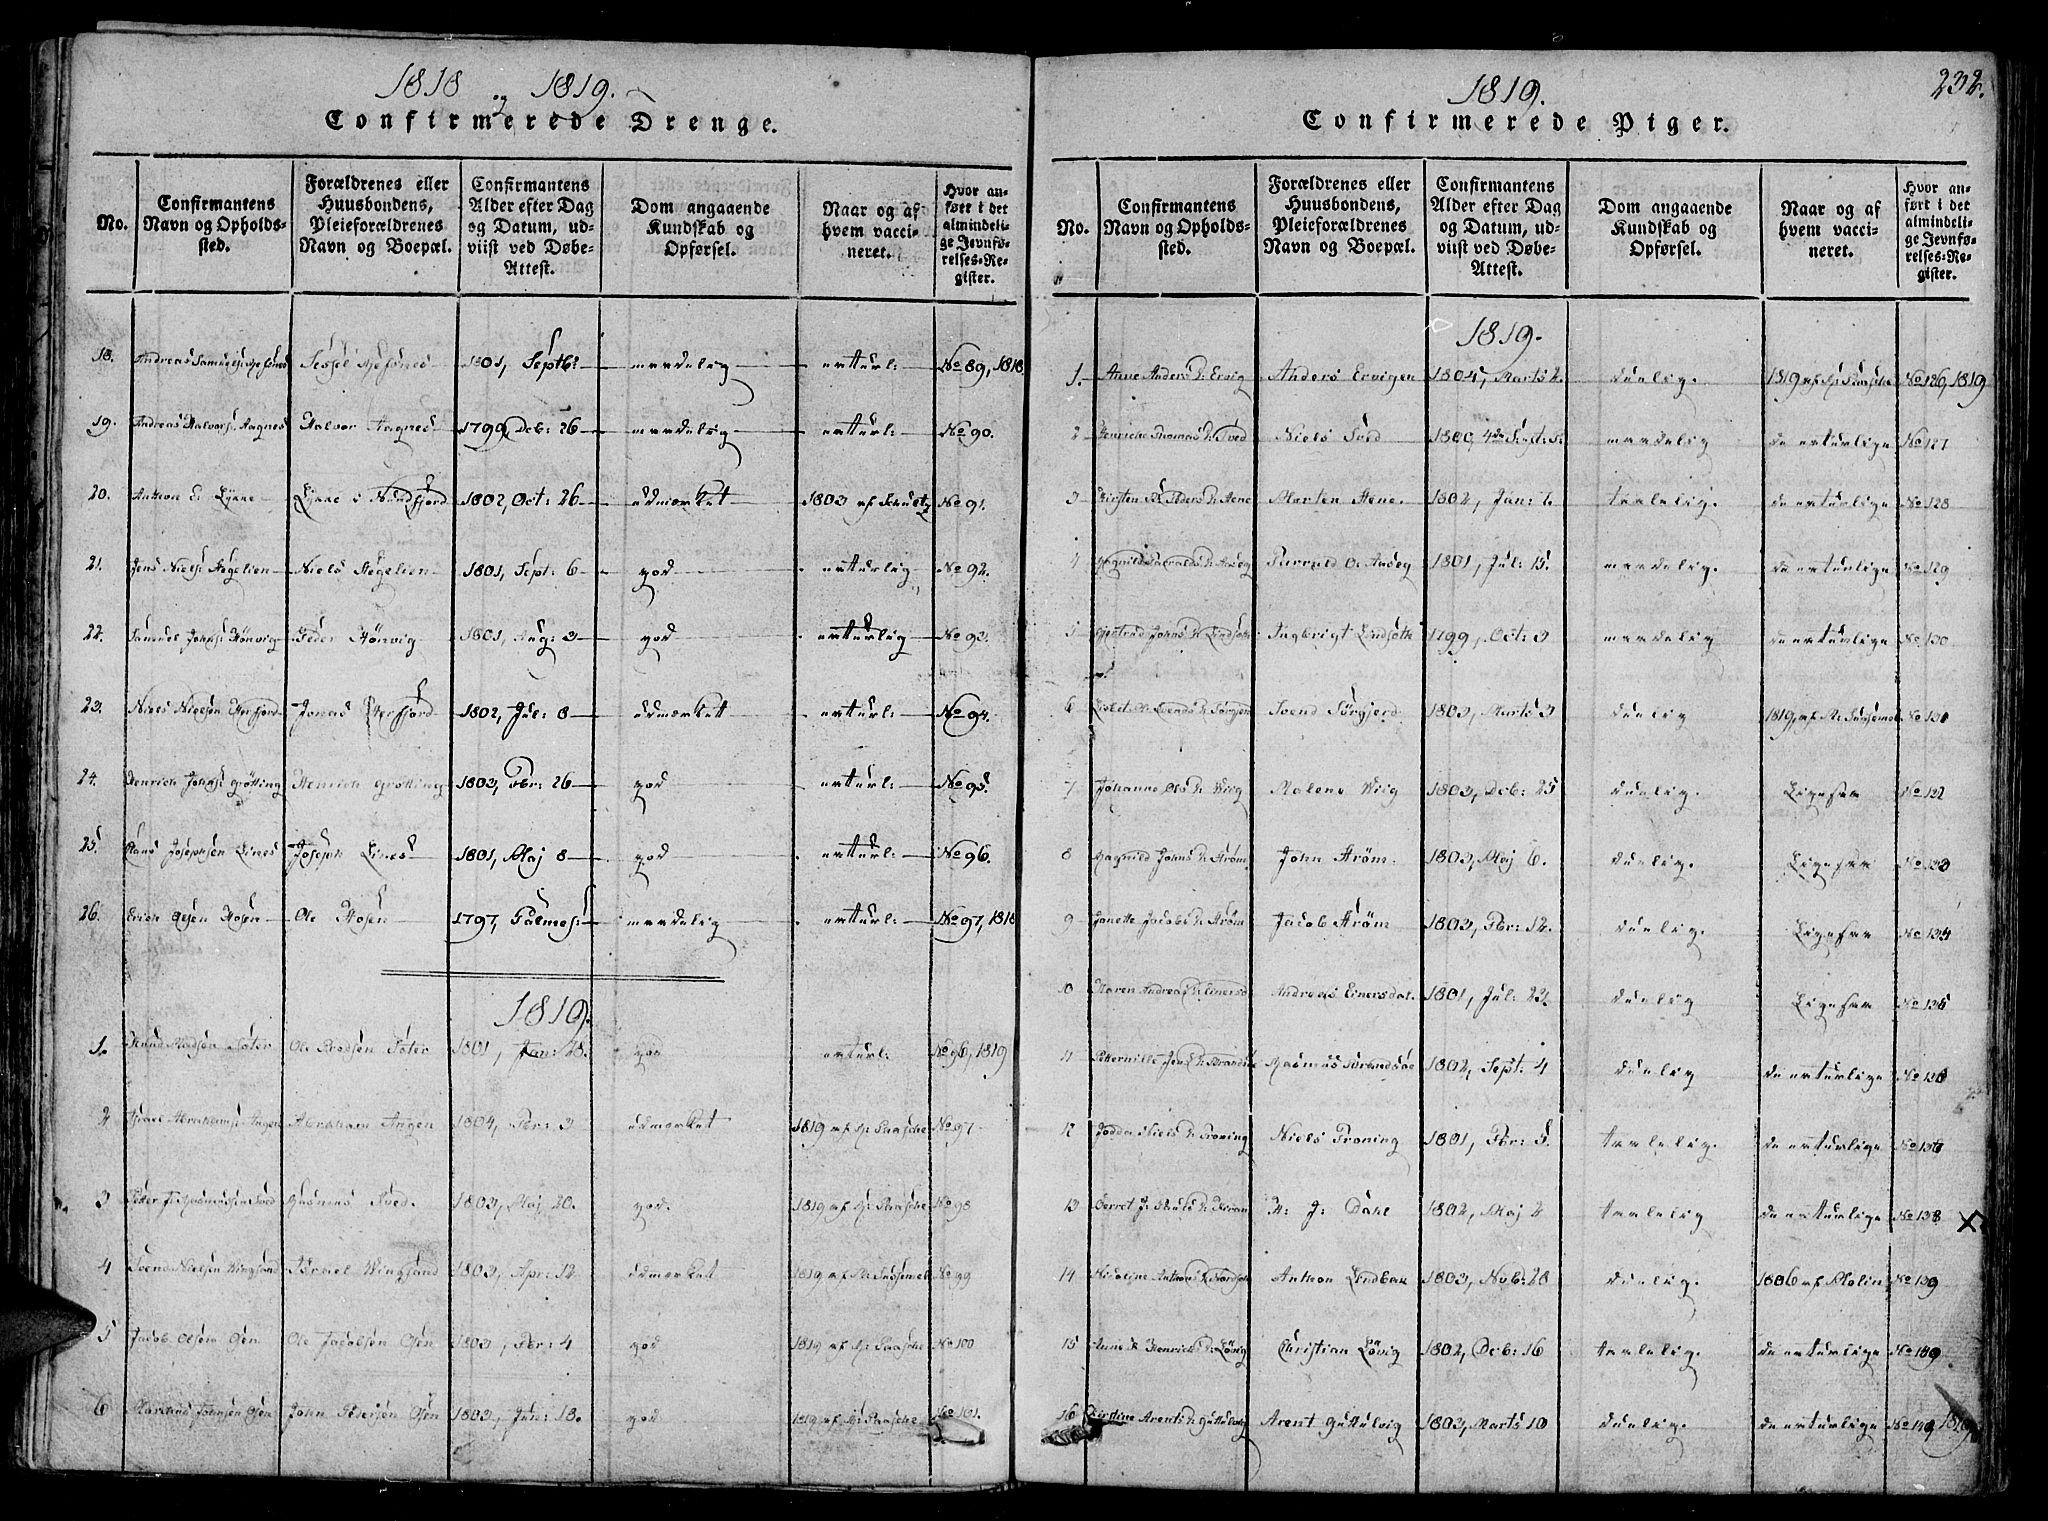 SAT, Ministerialprotokoller, klokkerbøker og fødselsregistre - Sør-Trøndelag, 657/L0702: Ministerialbok nr. 657A03, 1818-1831, s. 232